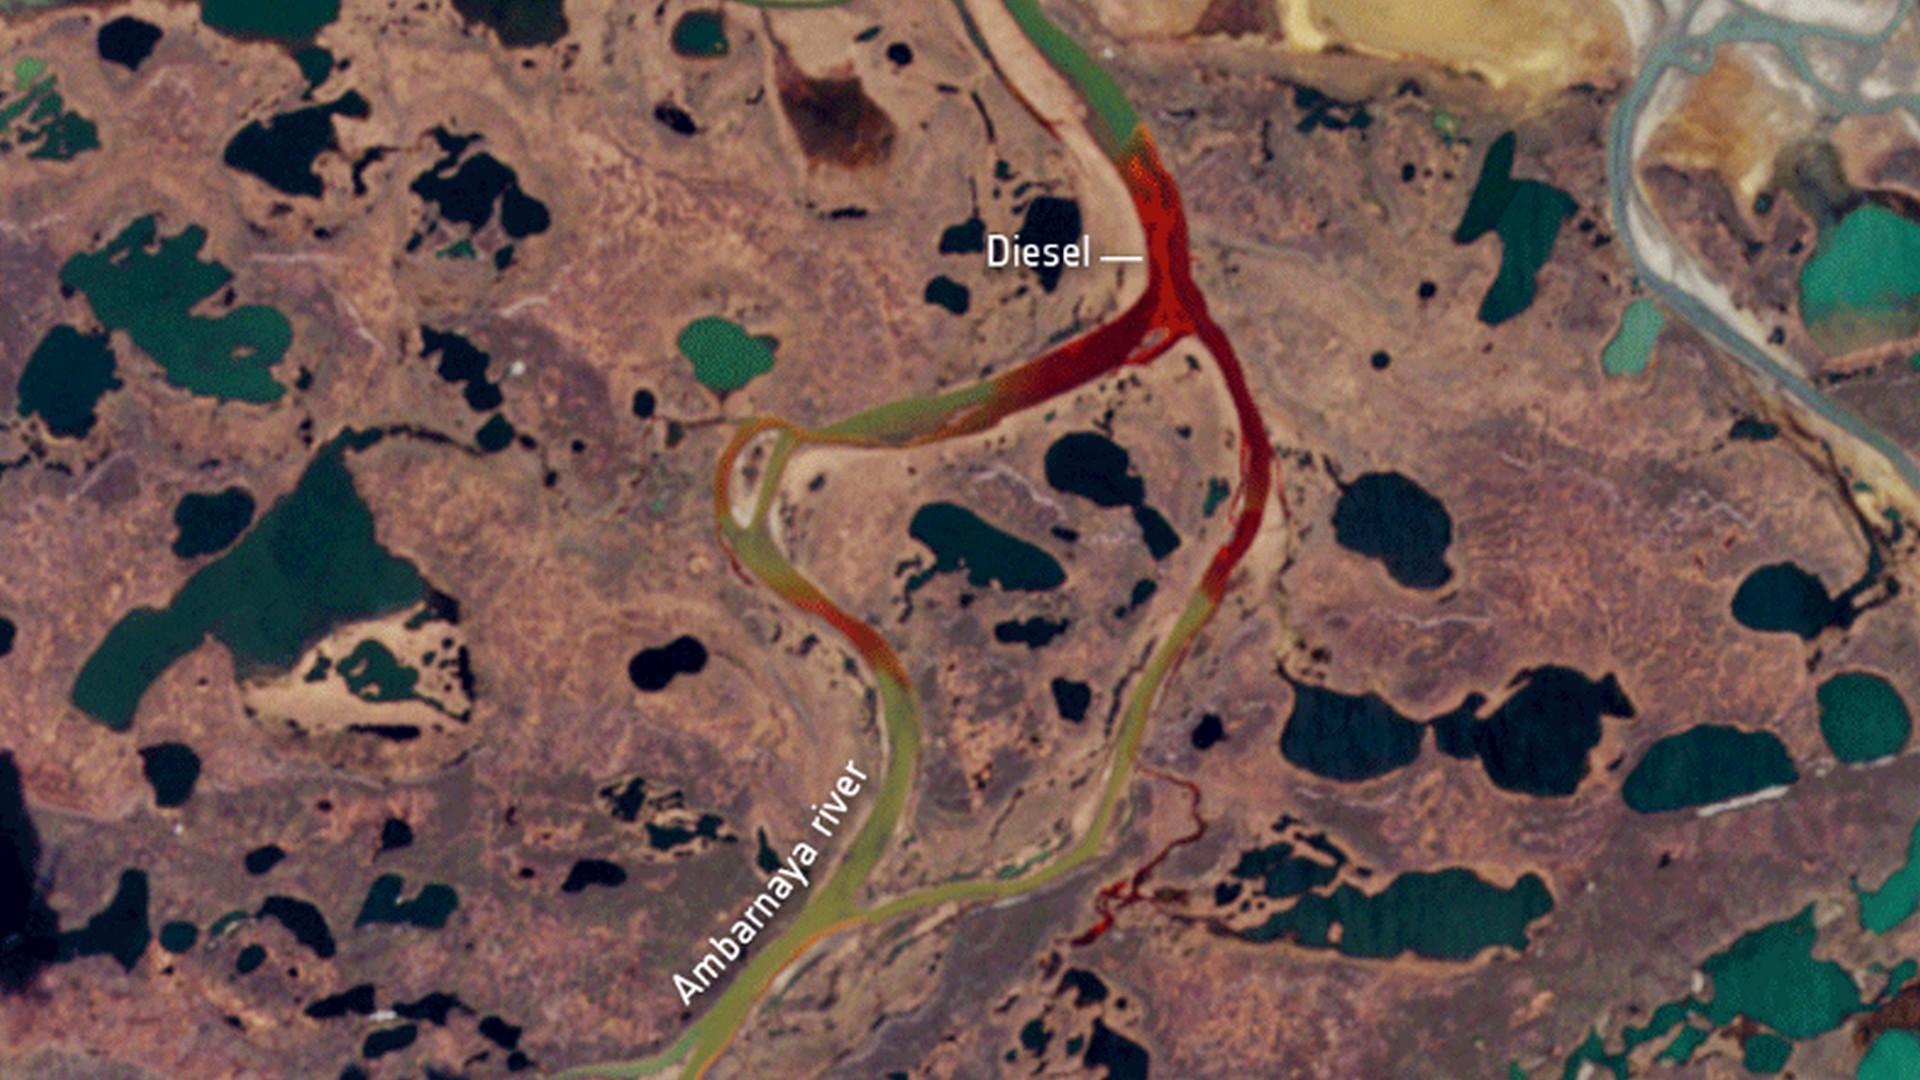 Une catastrophe écologique inédite a lieu depuis plusieurs jours en Russie arctique